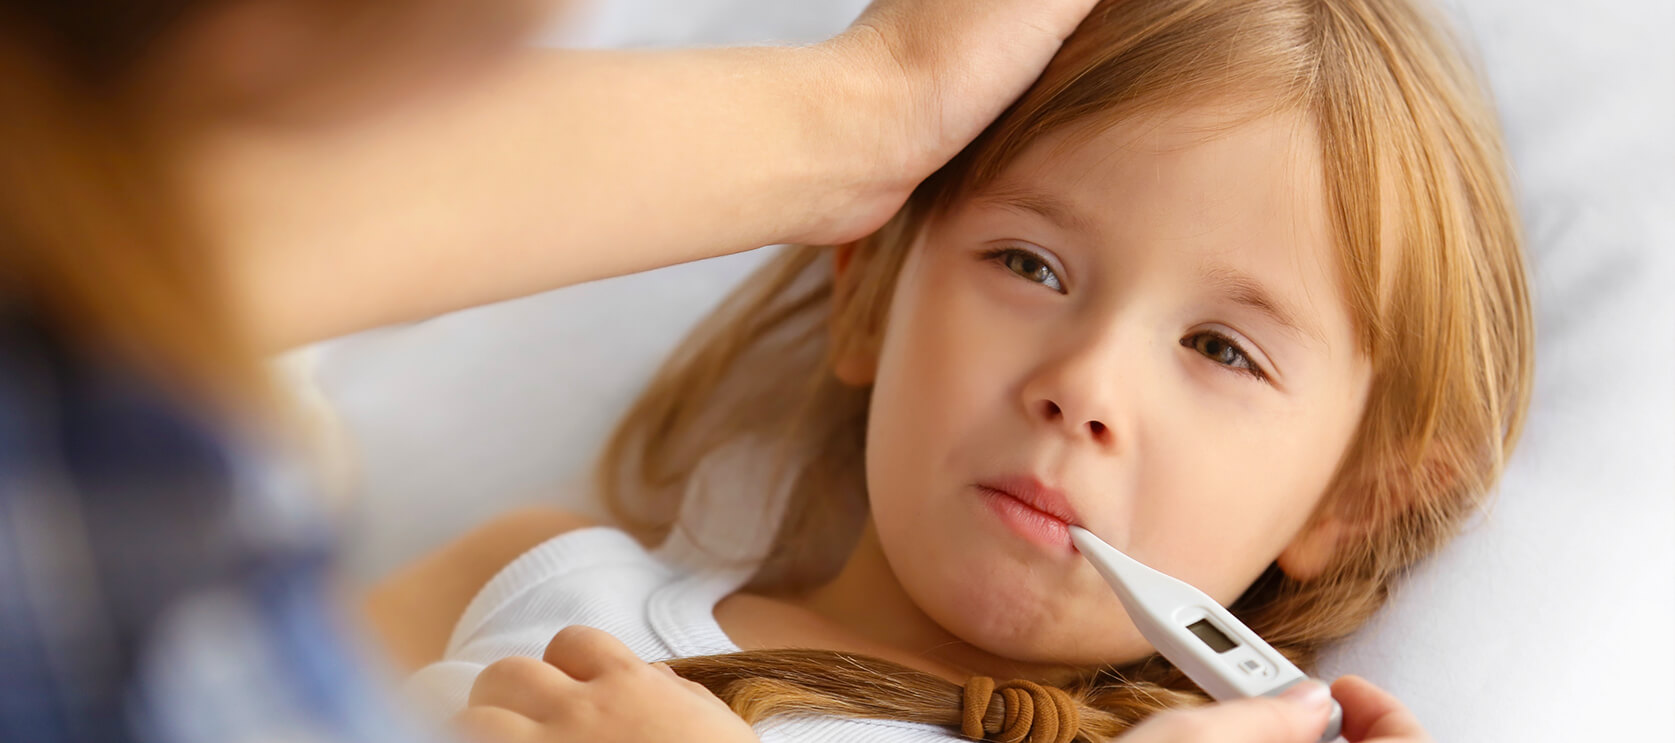 Różnica między grypą a przeziębieniem u dziecka. Jak je odróżnić?